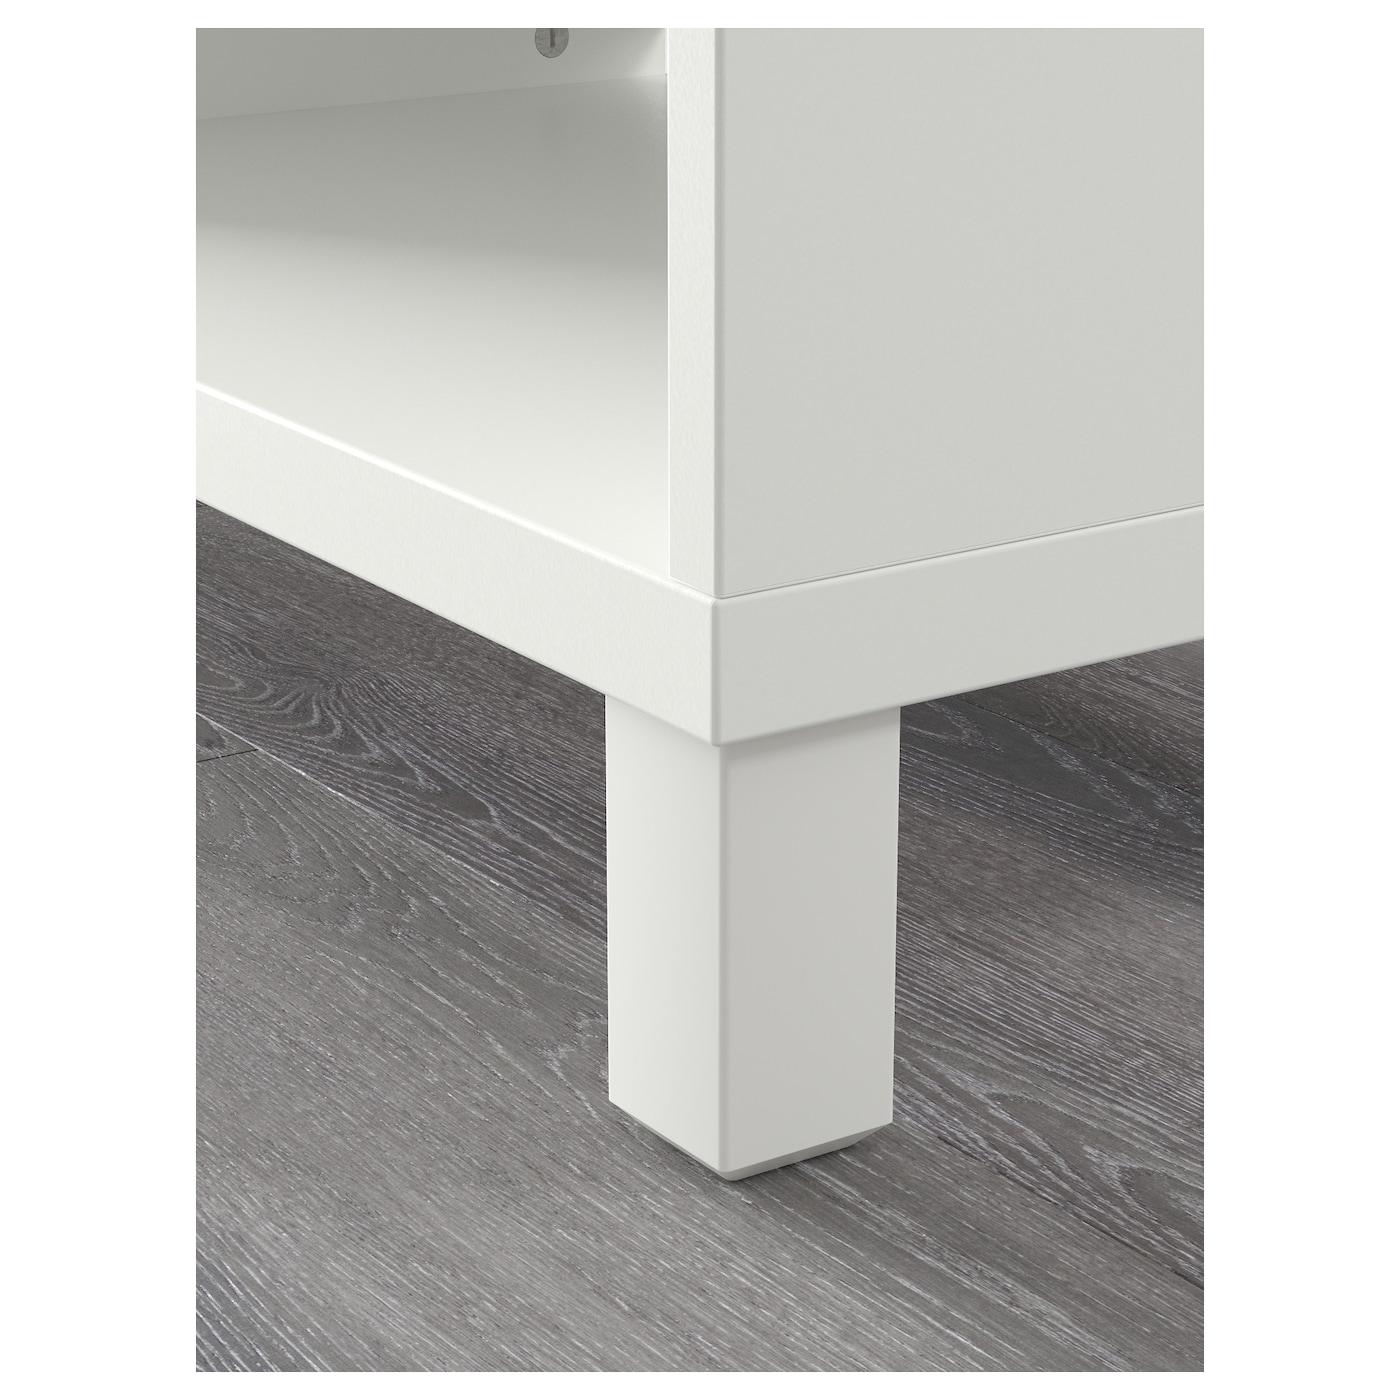 Best mueble tv blanco 120 x 40 x 48 cm ikea - Mueble blanco ikea ...